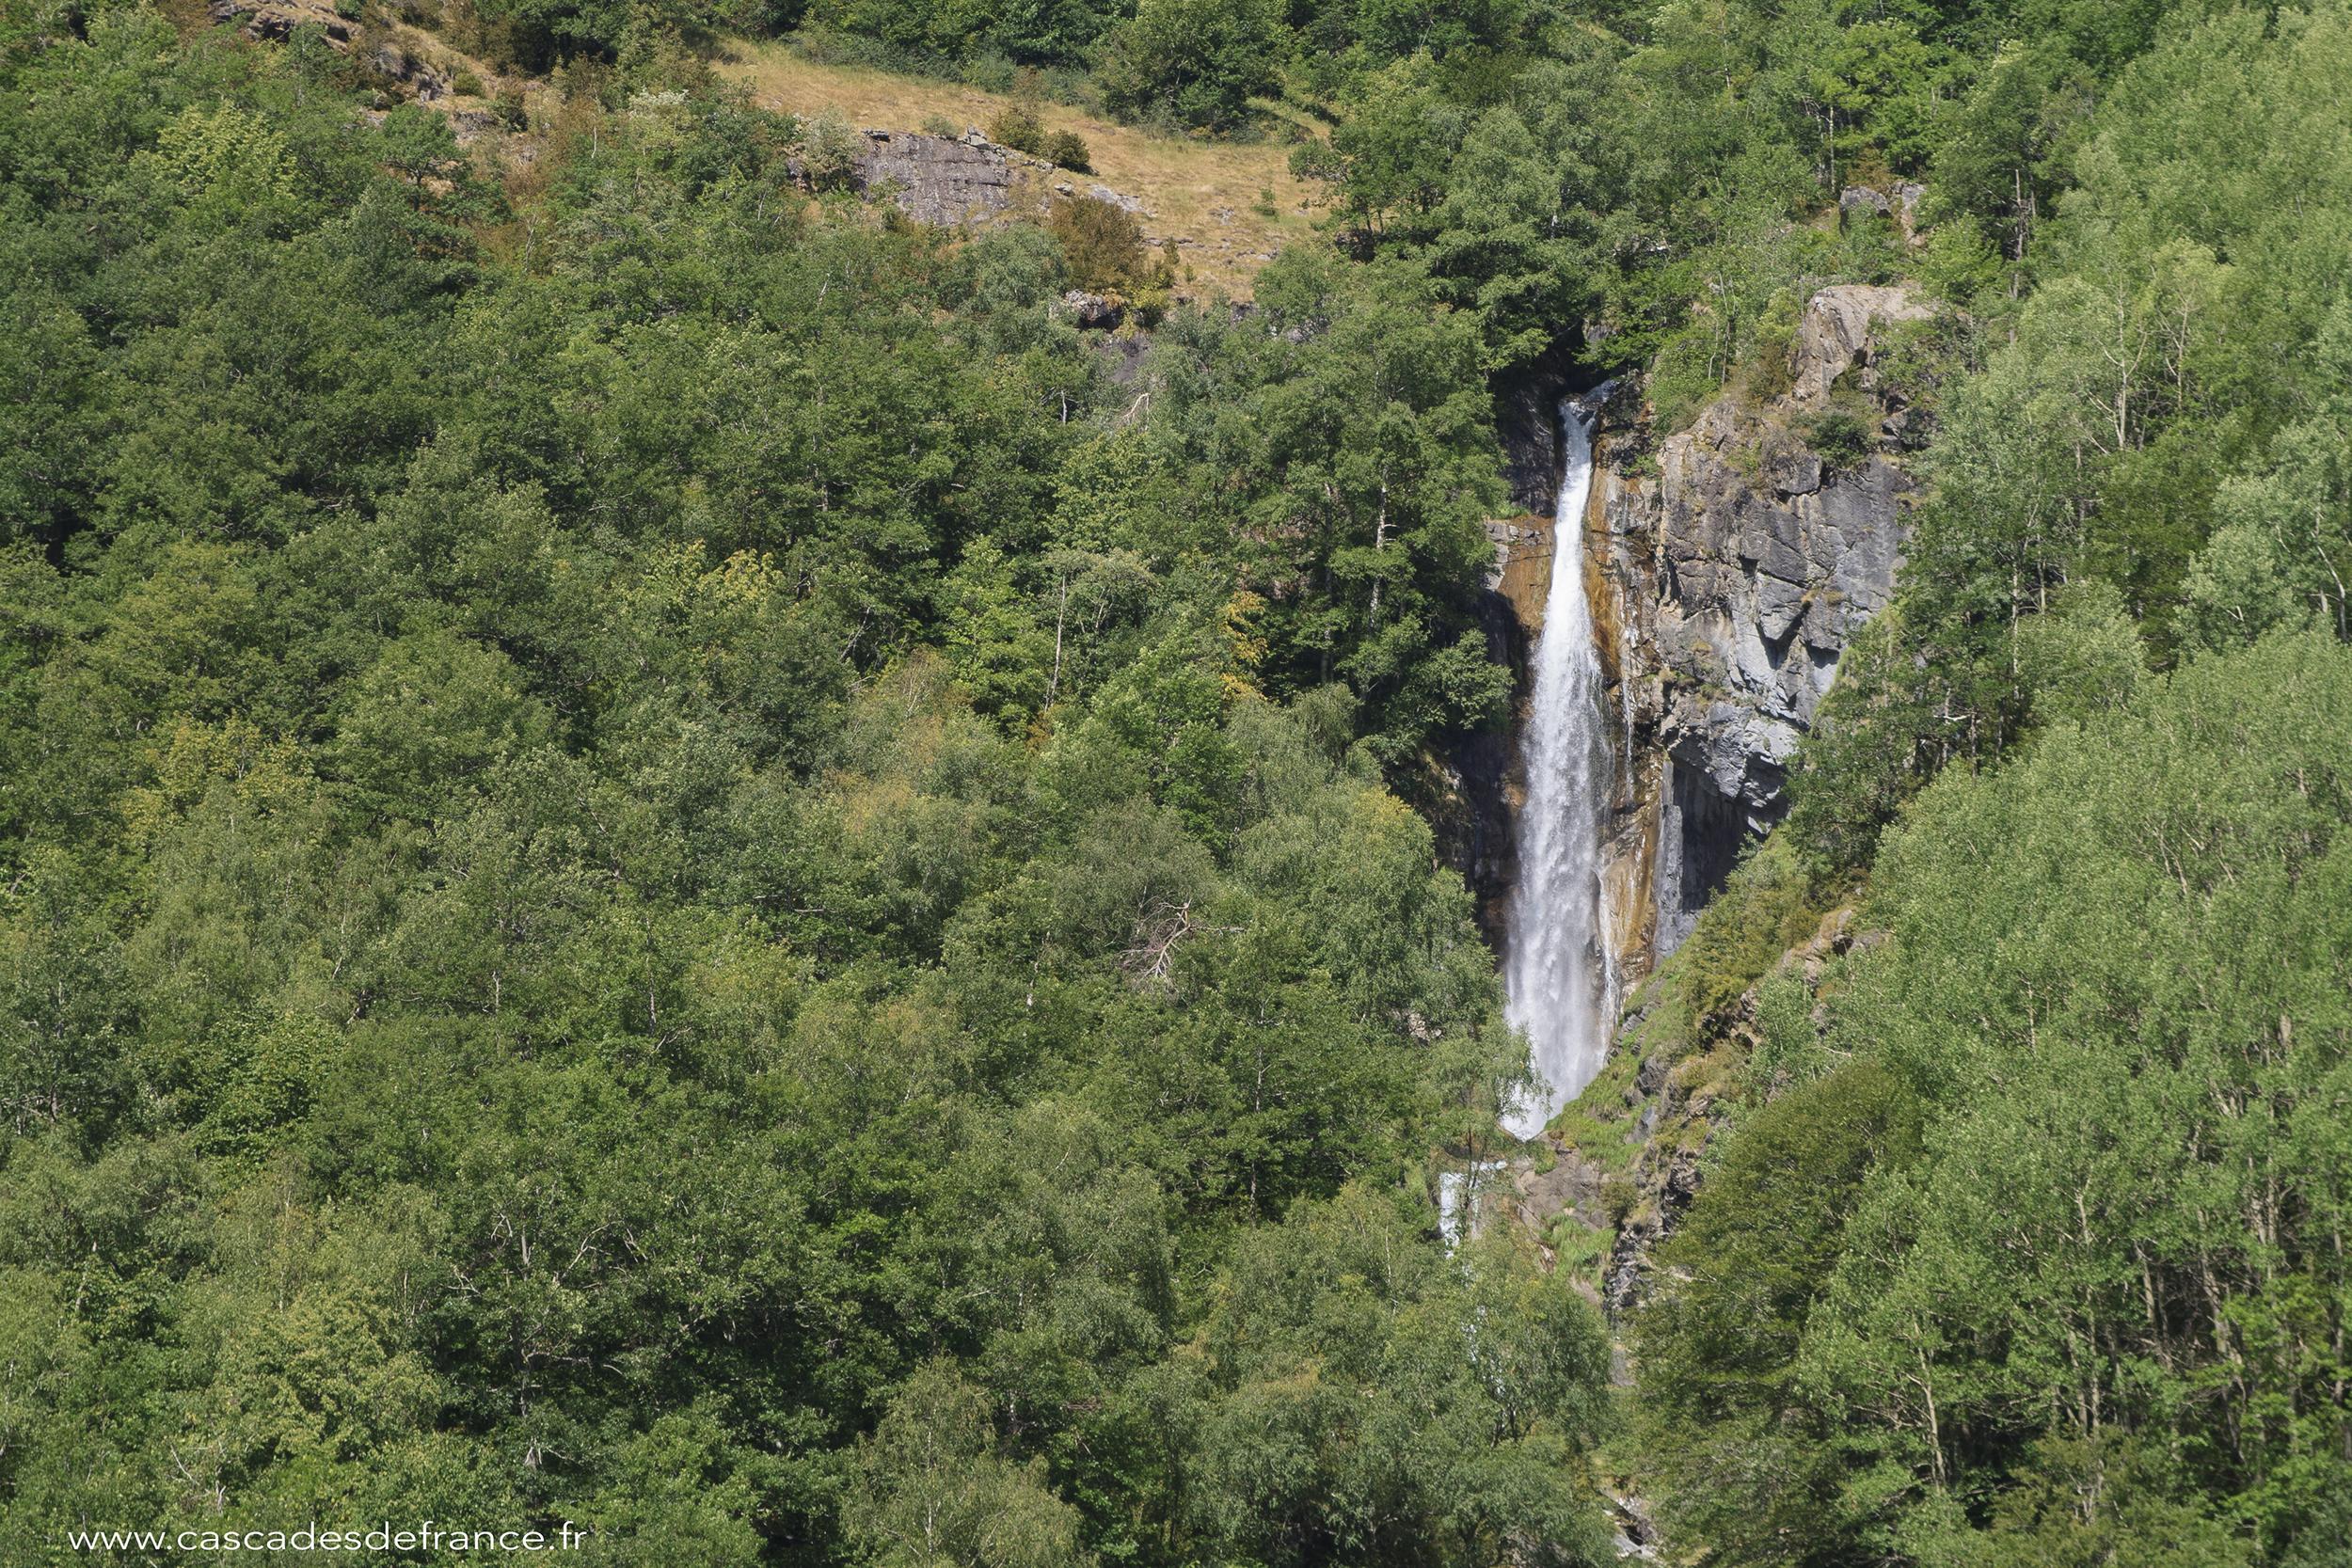 IMG_0547-1 cascade pich gaillard pyrennes-cdf